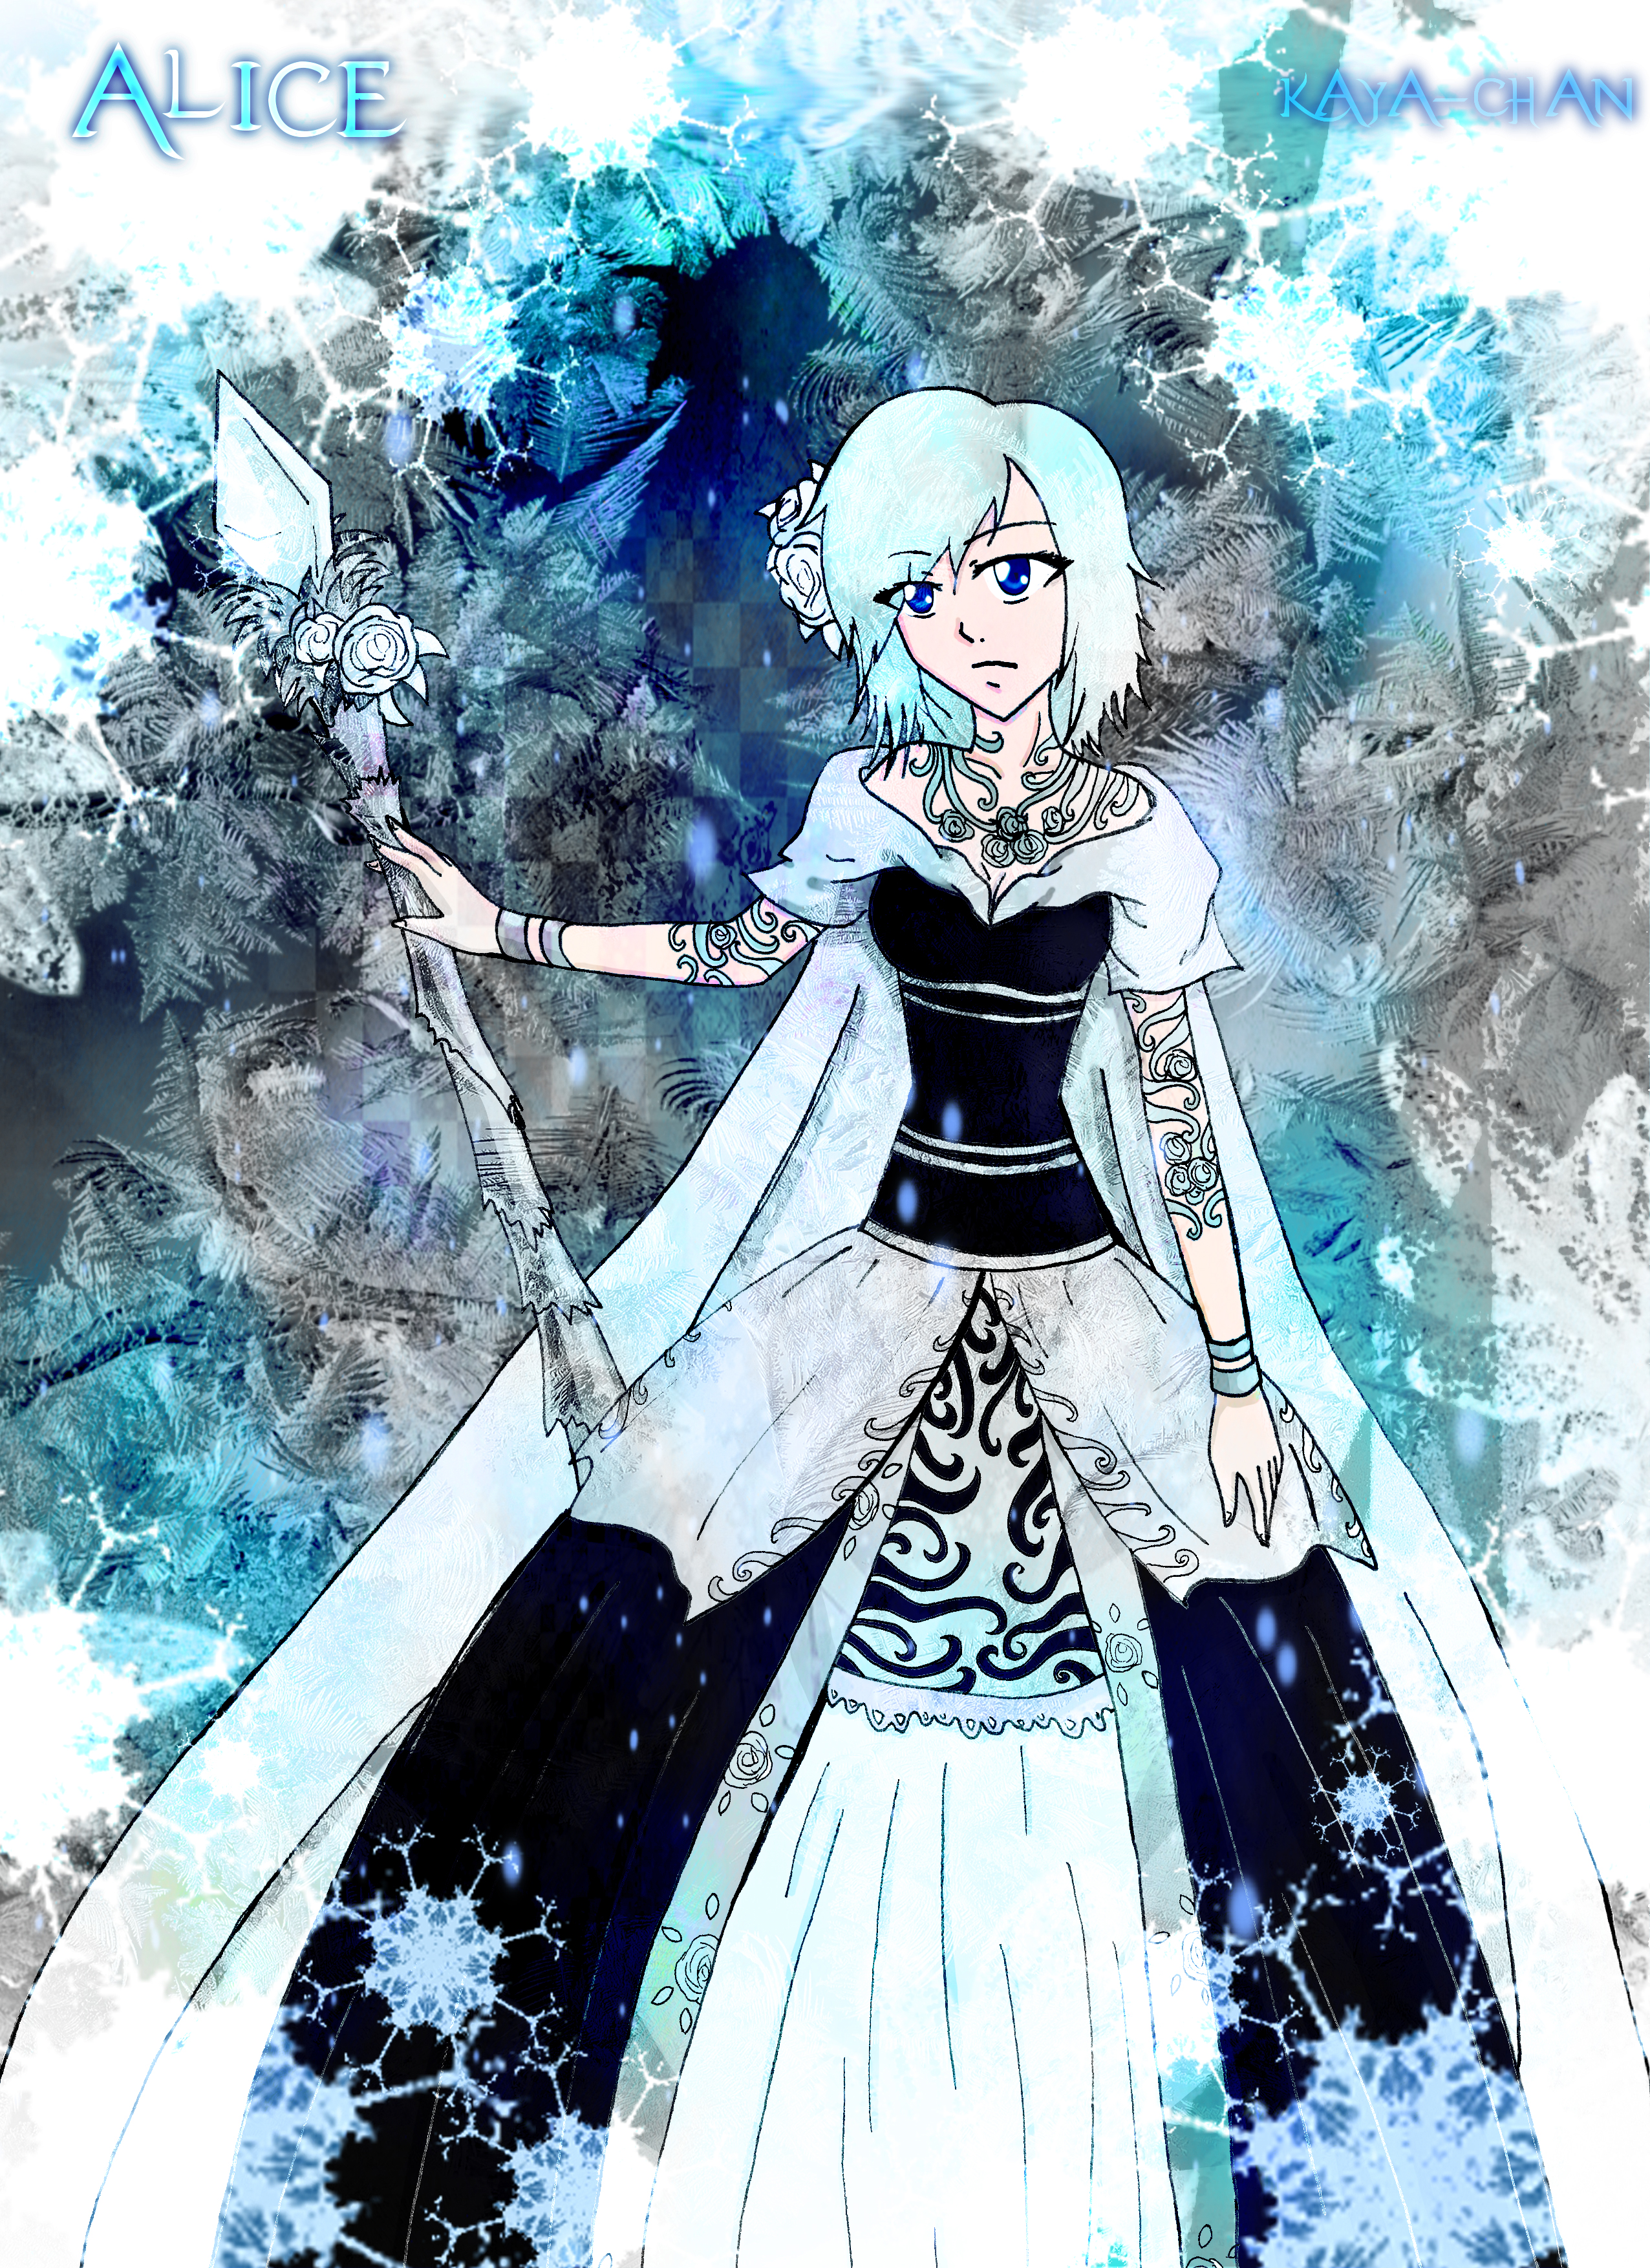 Créa' sur Alice